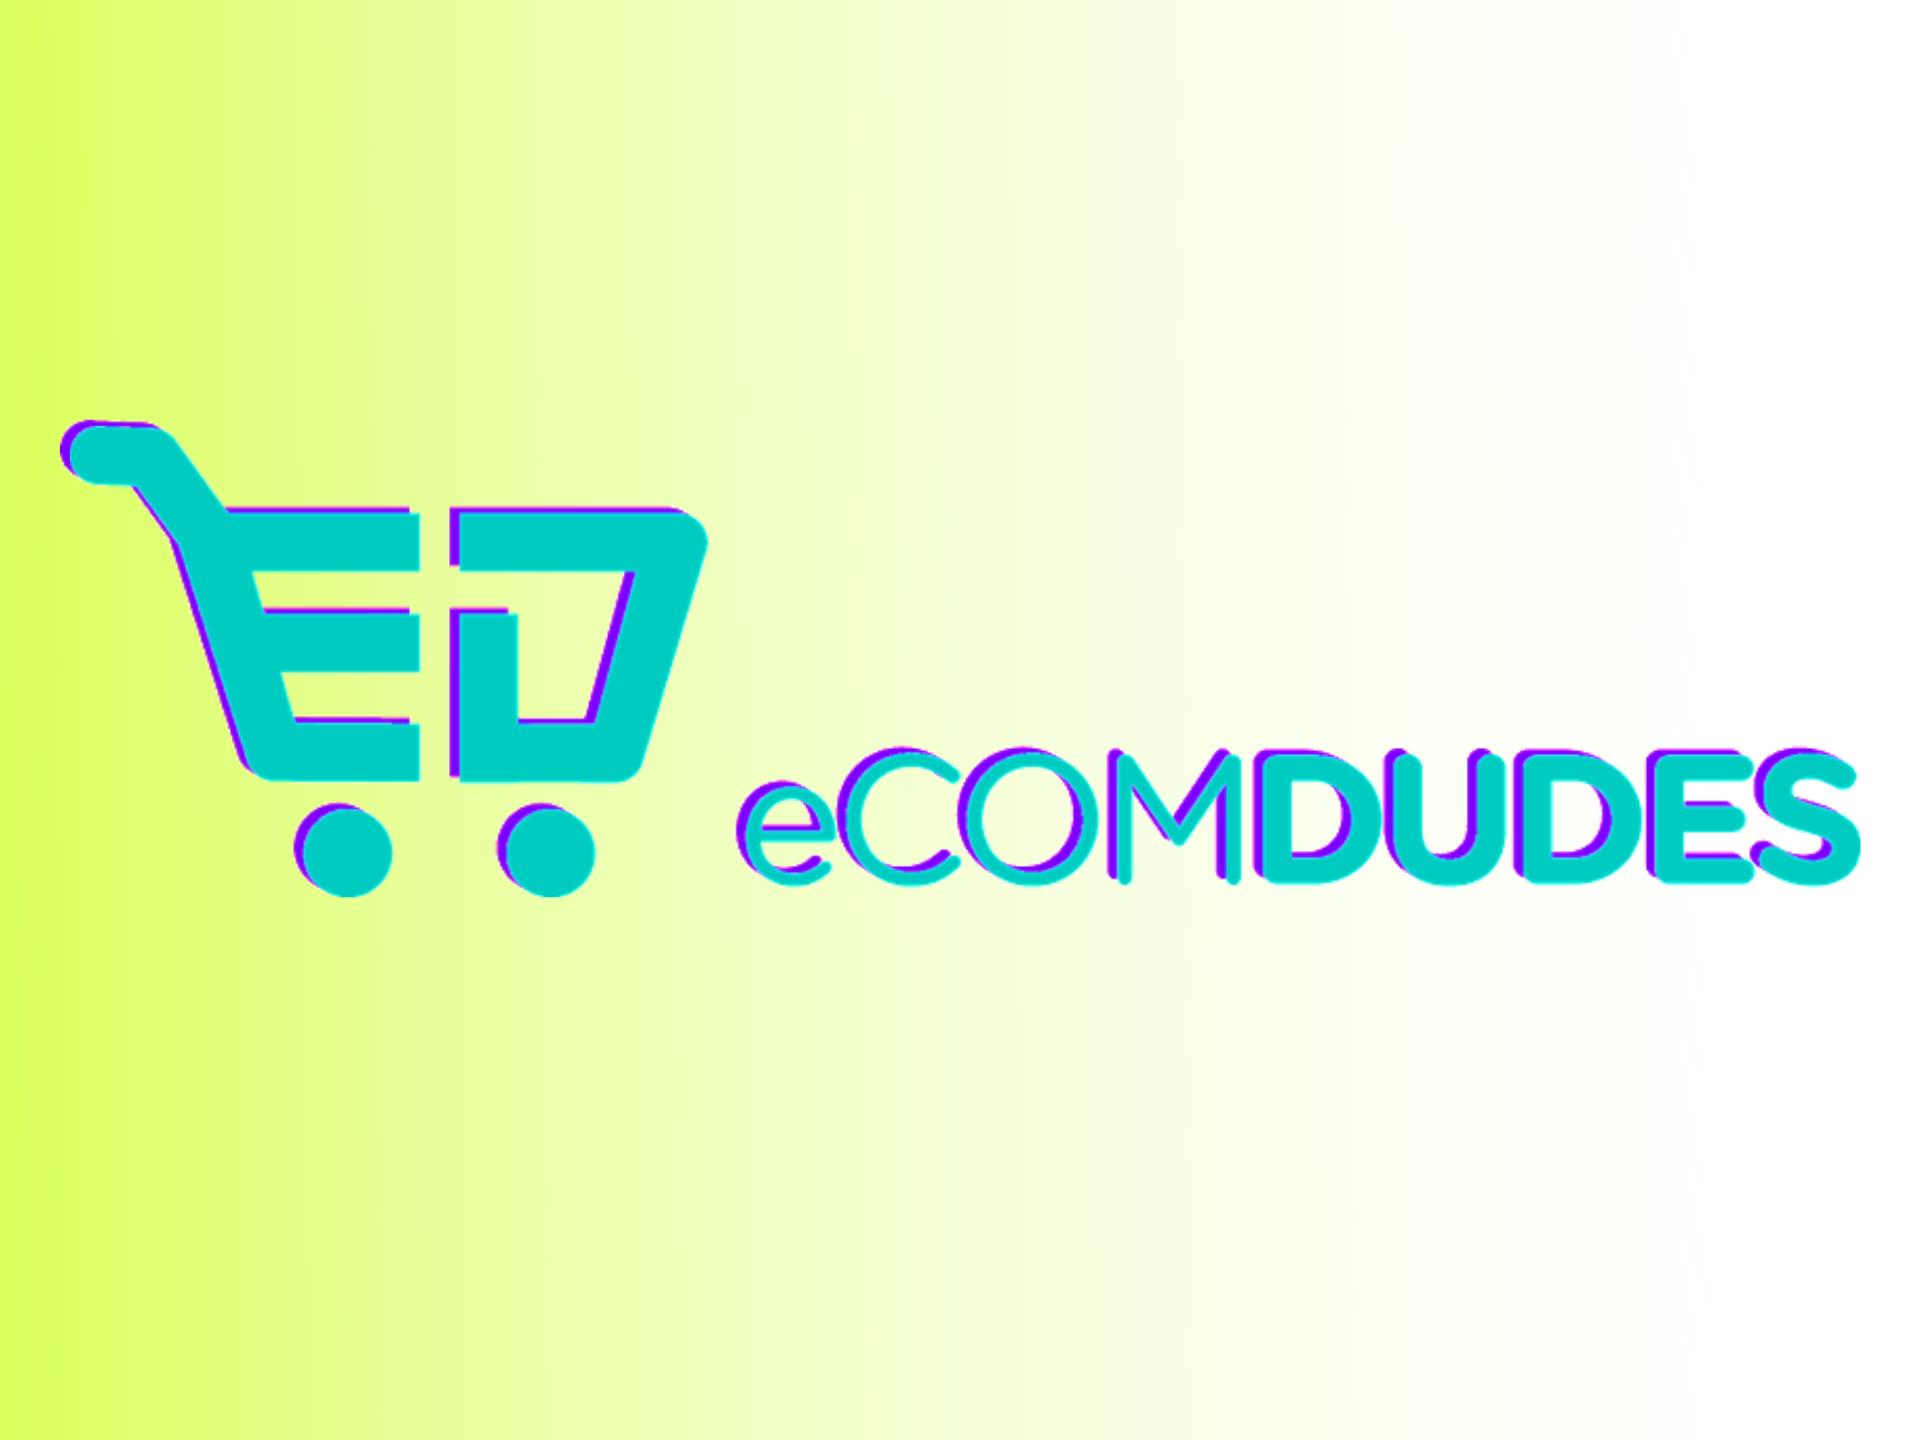 dan-dasilva-ecom-dudes-review